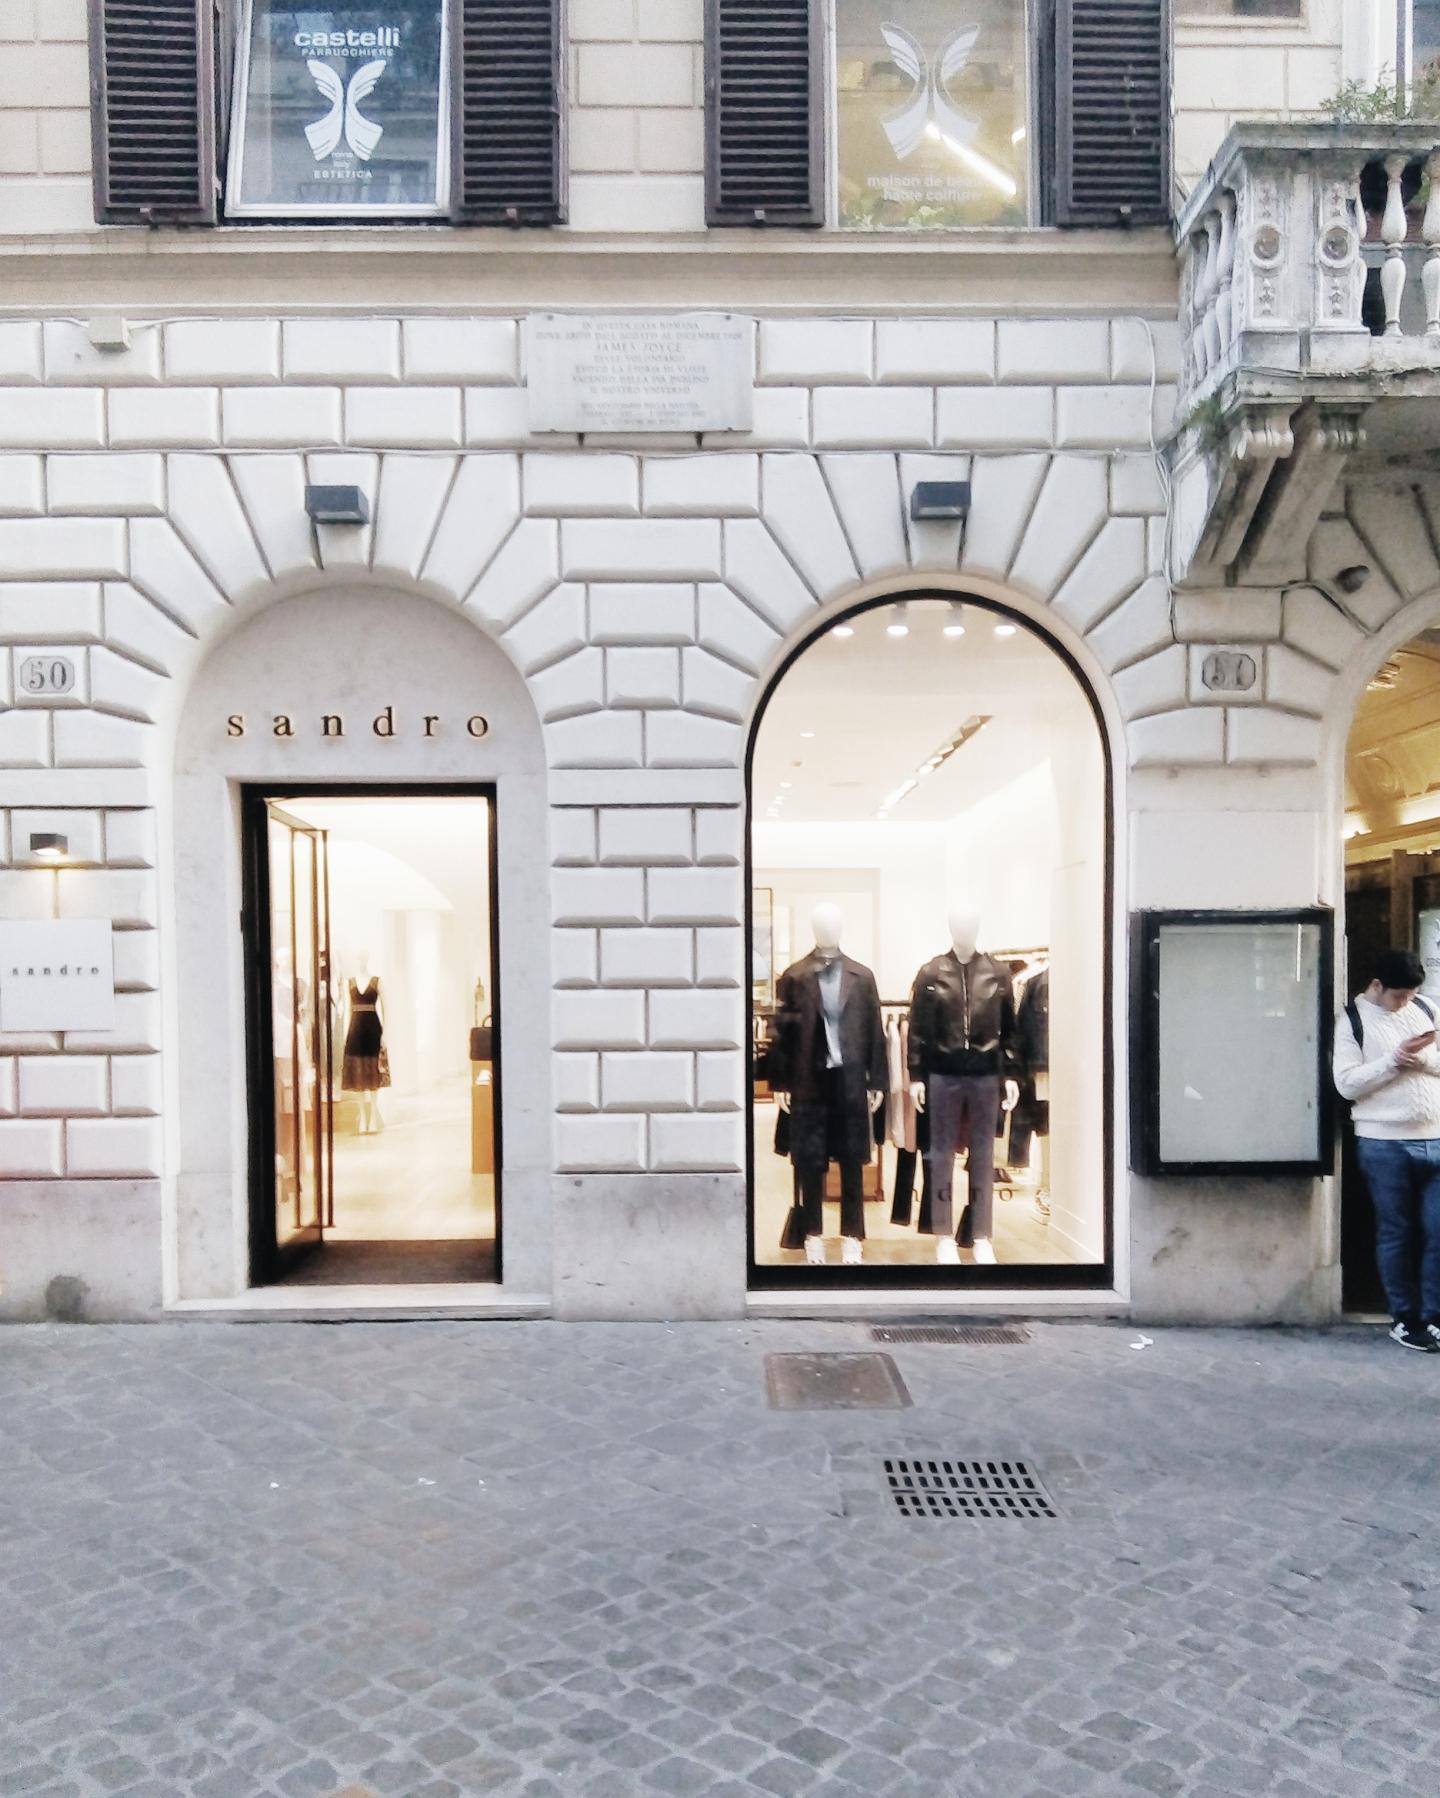 Sandro Paris Rome facade shopfront